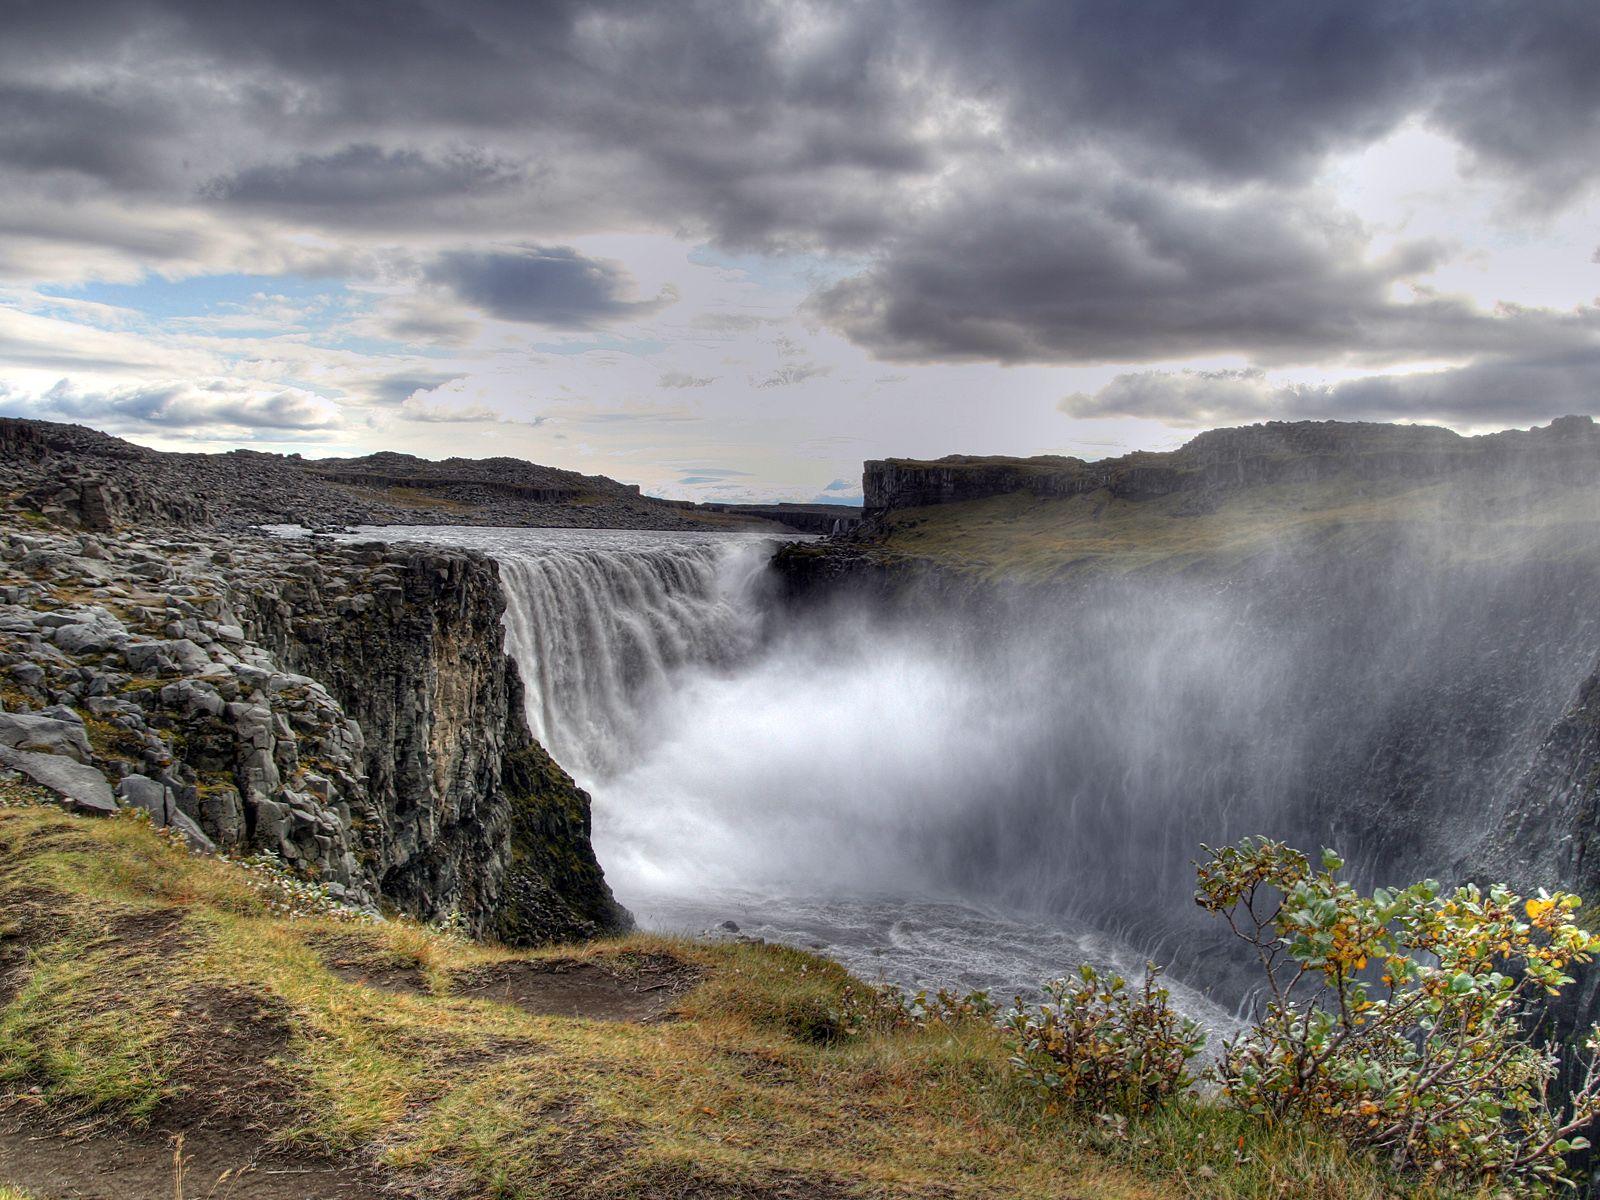 Пейзаж с водопадом Деттифосс